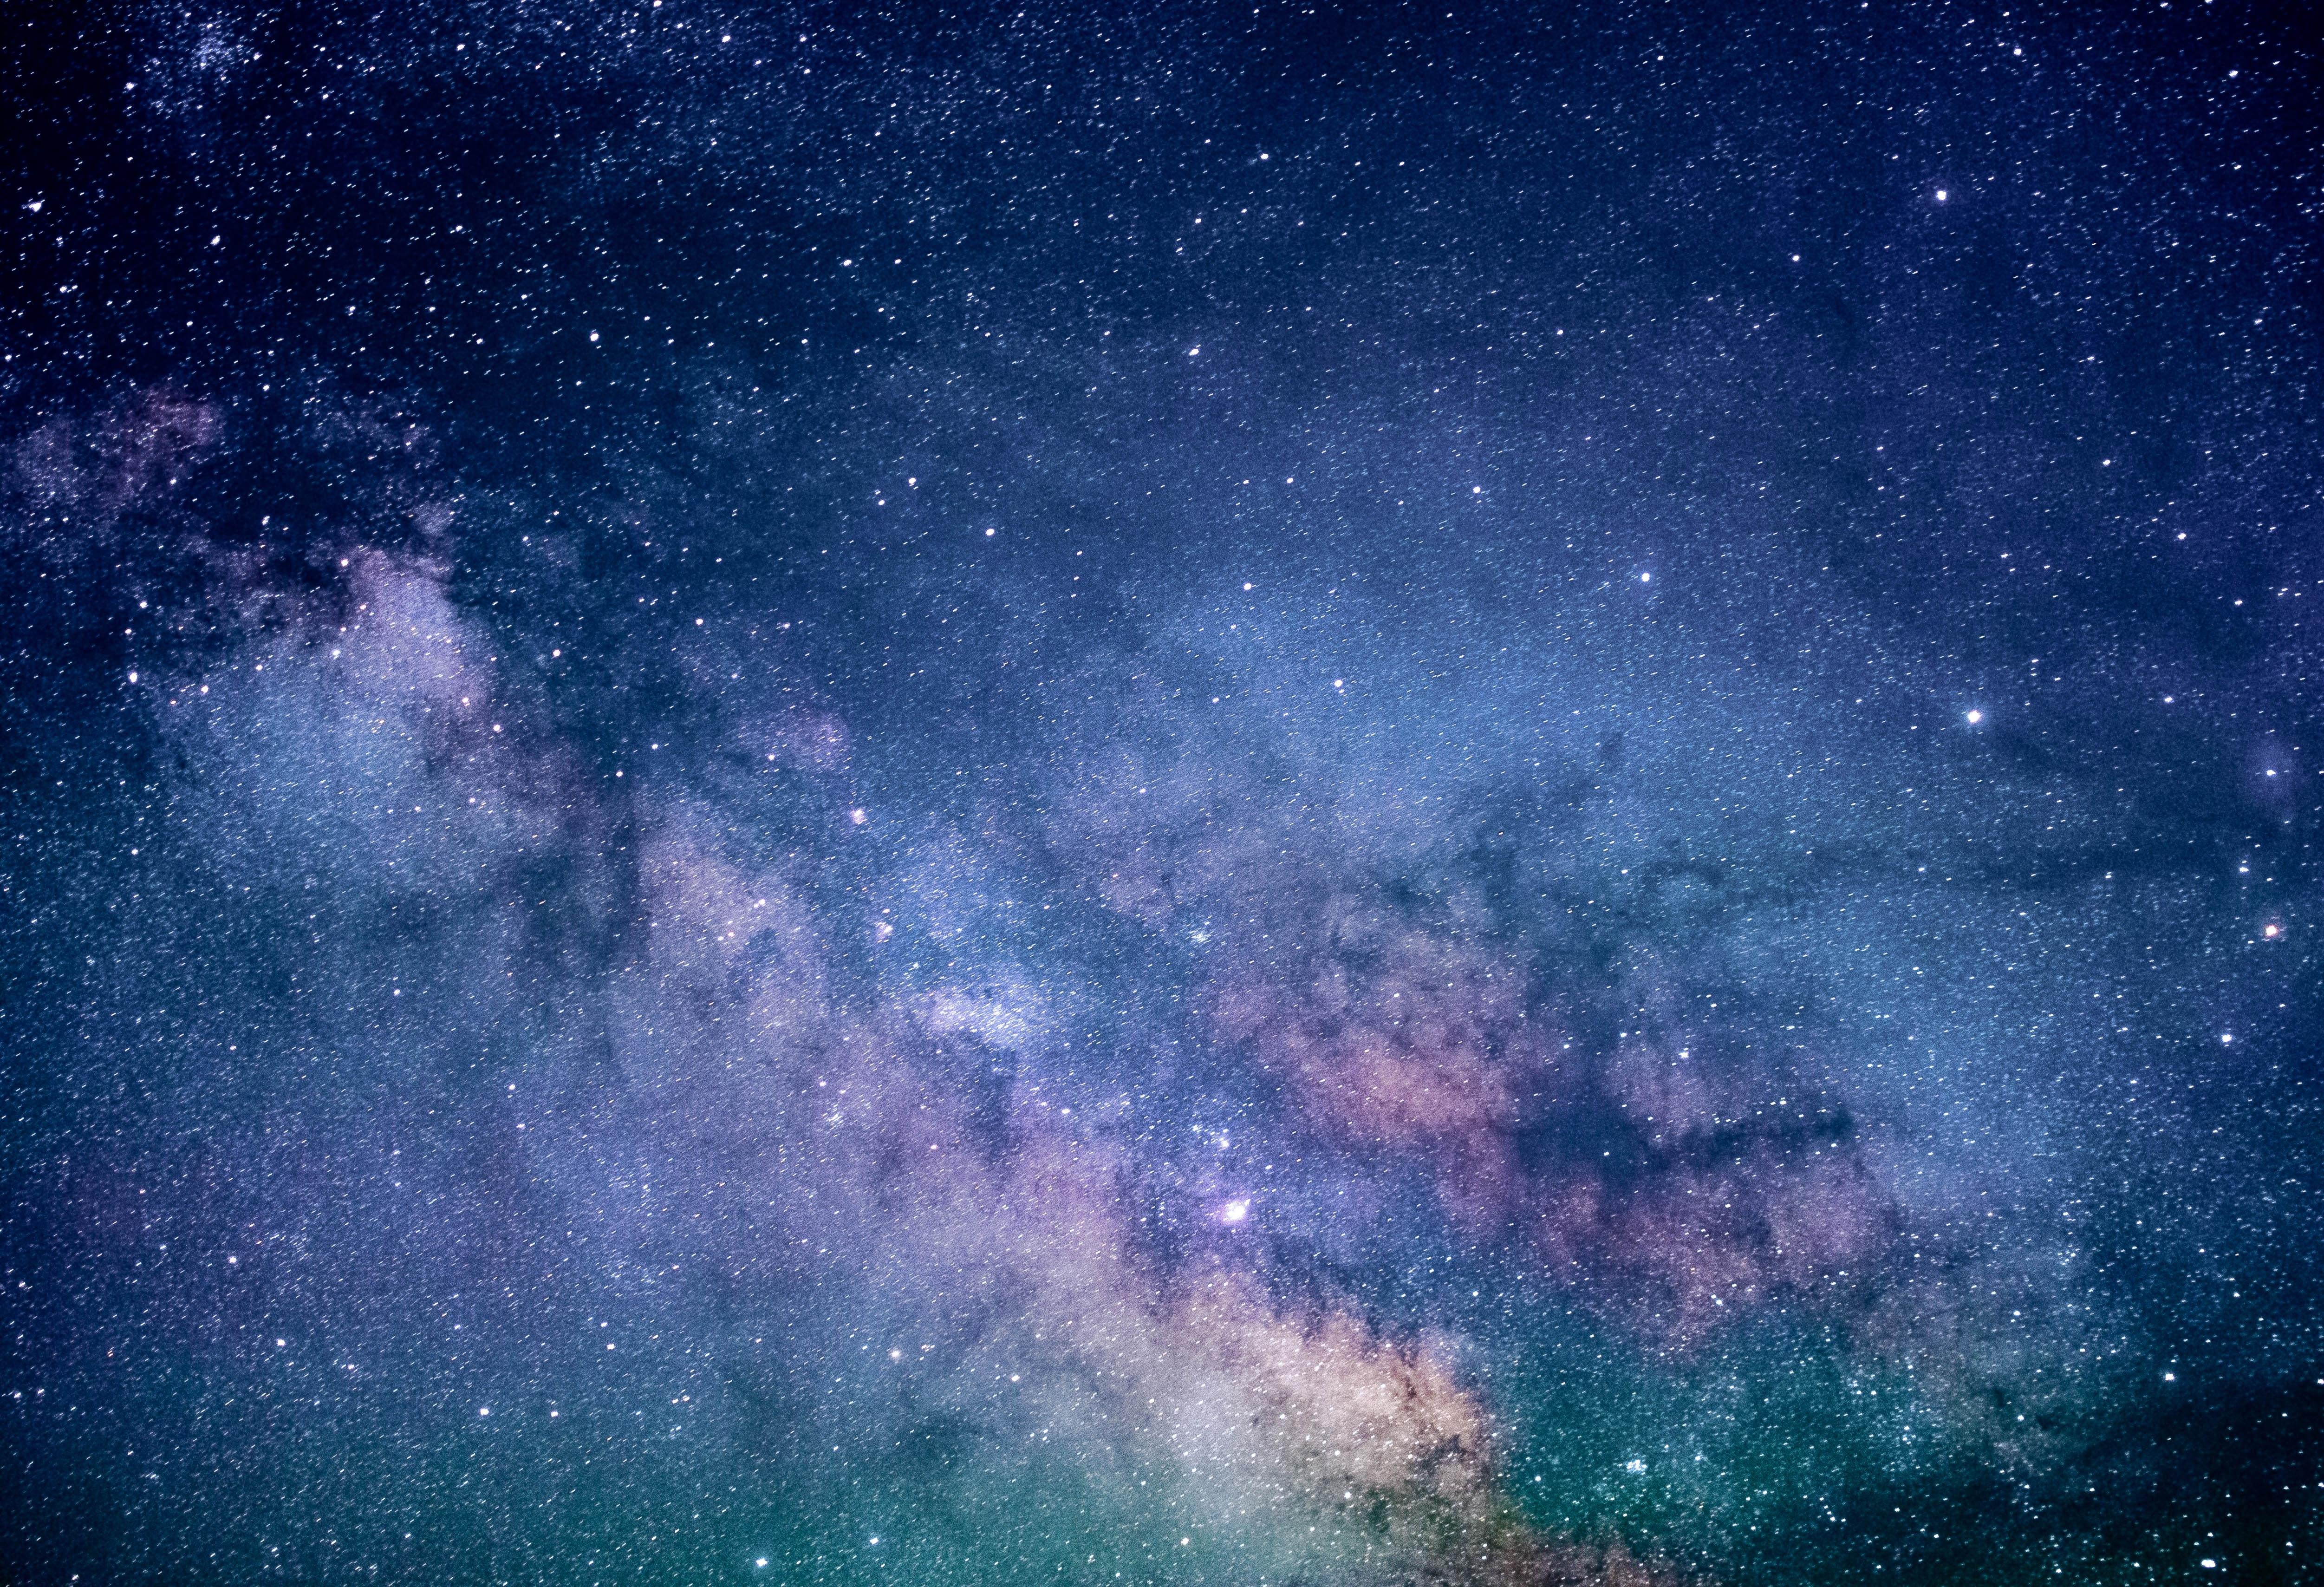 無料画像 光 夜 天の川 テクスチャ 雰囲気 ダーク 星座